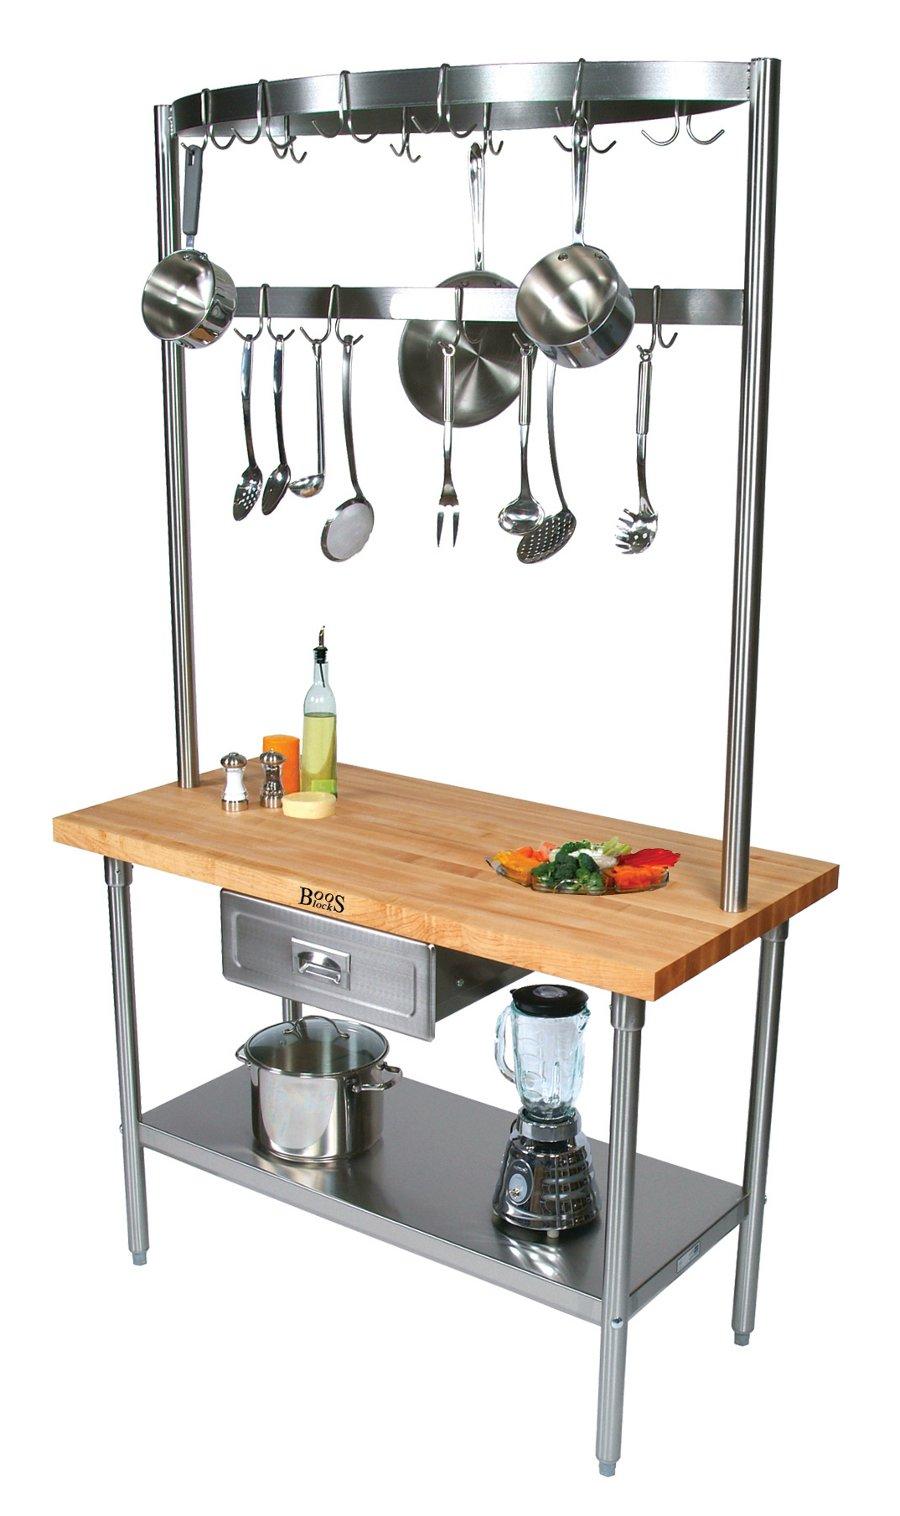 Boos Cucina Grandioso Prep Table Optional Pot Rack